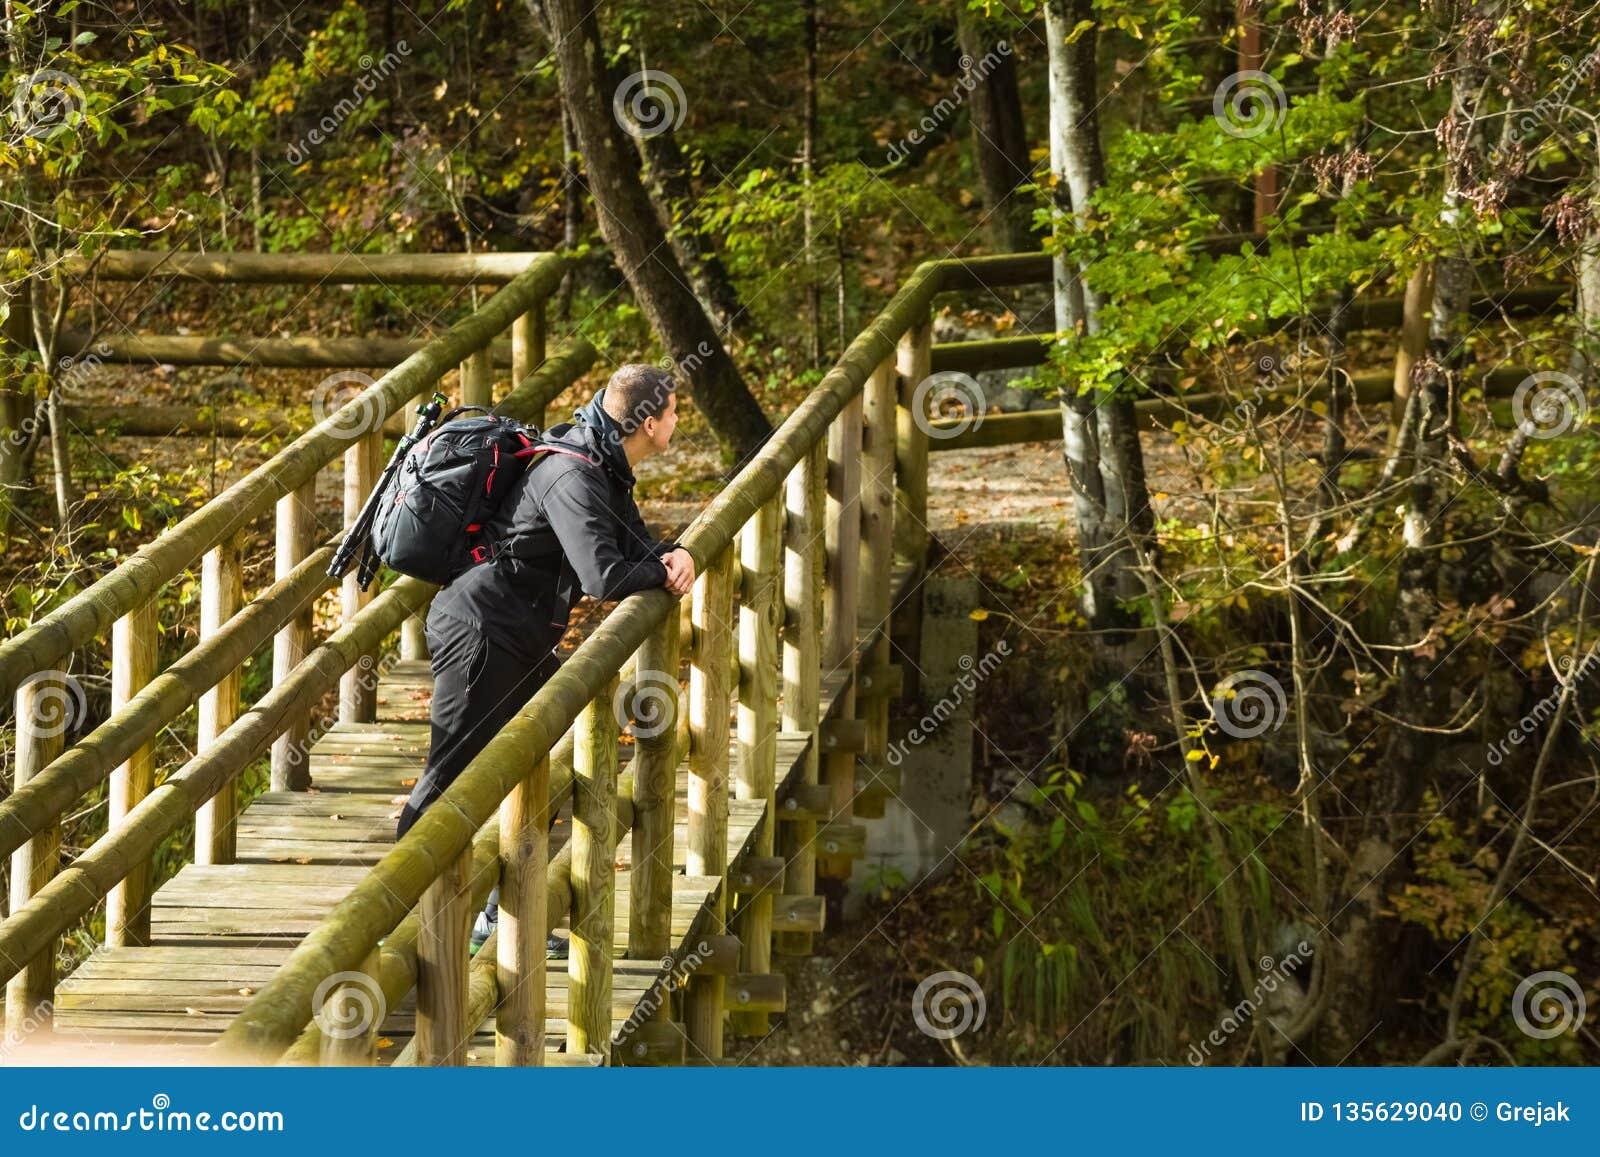 Viajante observando a natureza na ponte de madeira na floresta